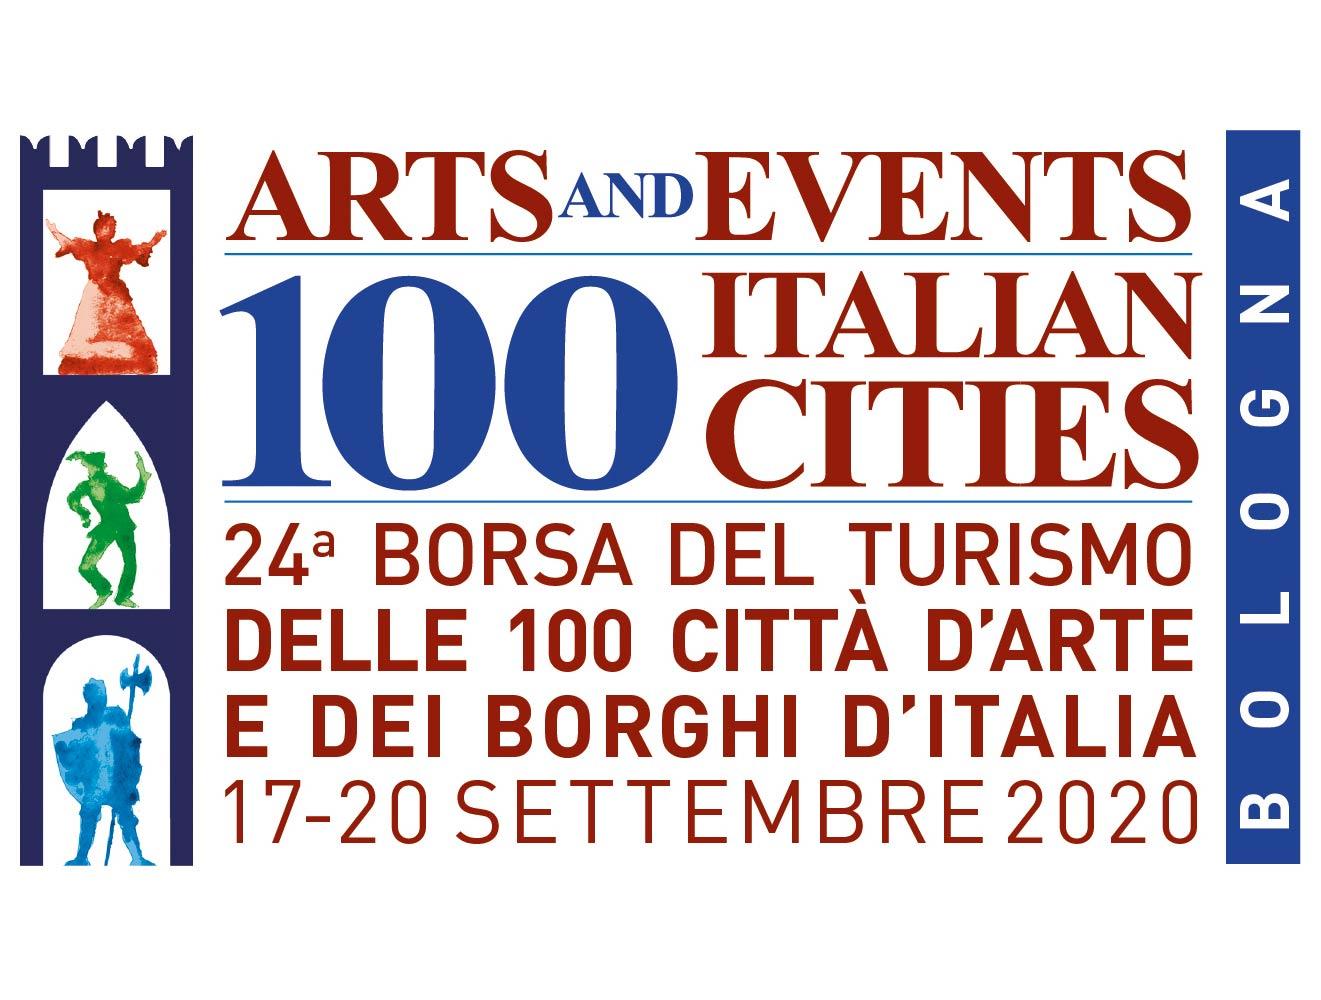 Borsa del Turismo delle 100 Città d'Arte e dei Borghi d'Ital